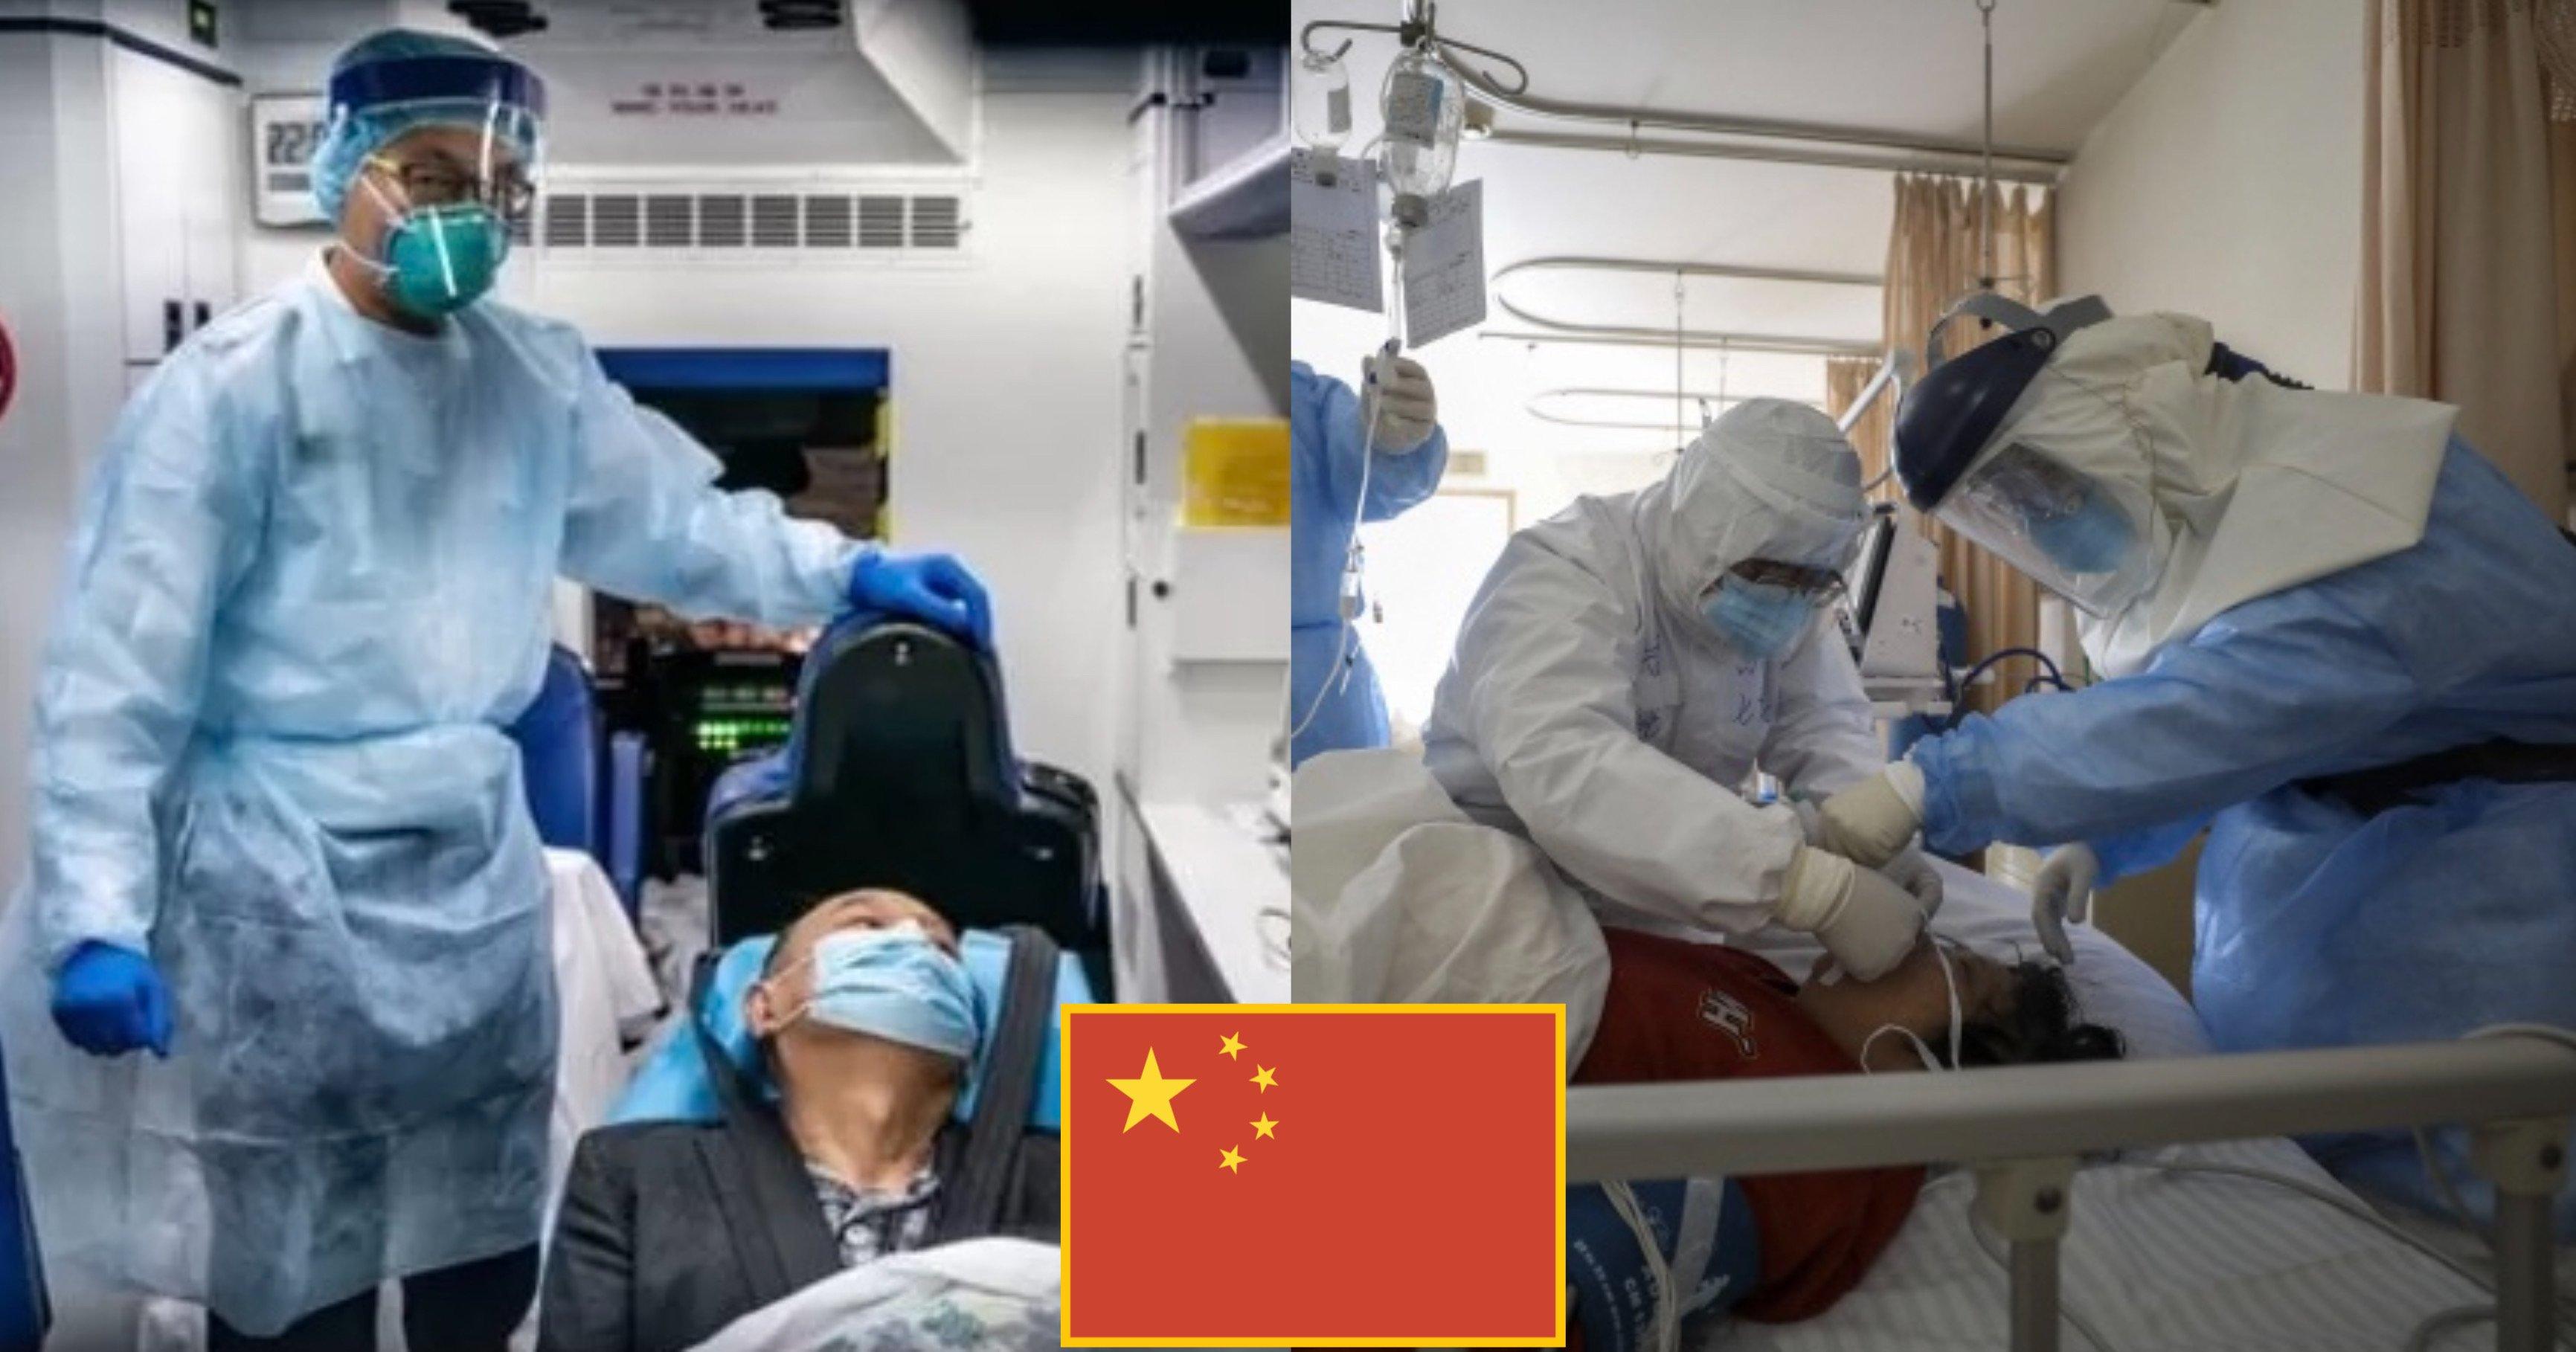 """d73d52ca 97f2 472f 87a3 4bbb7510fb4d.jpeg?resize=1200,630 - """"이번에 중국이 또...""""..이미 6천명 넘게 감염 된 또 다른 '바이러스' 퍼져 나가고 있다"""